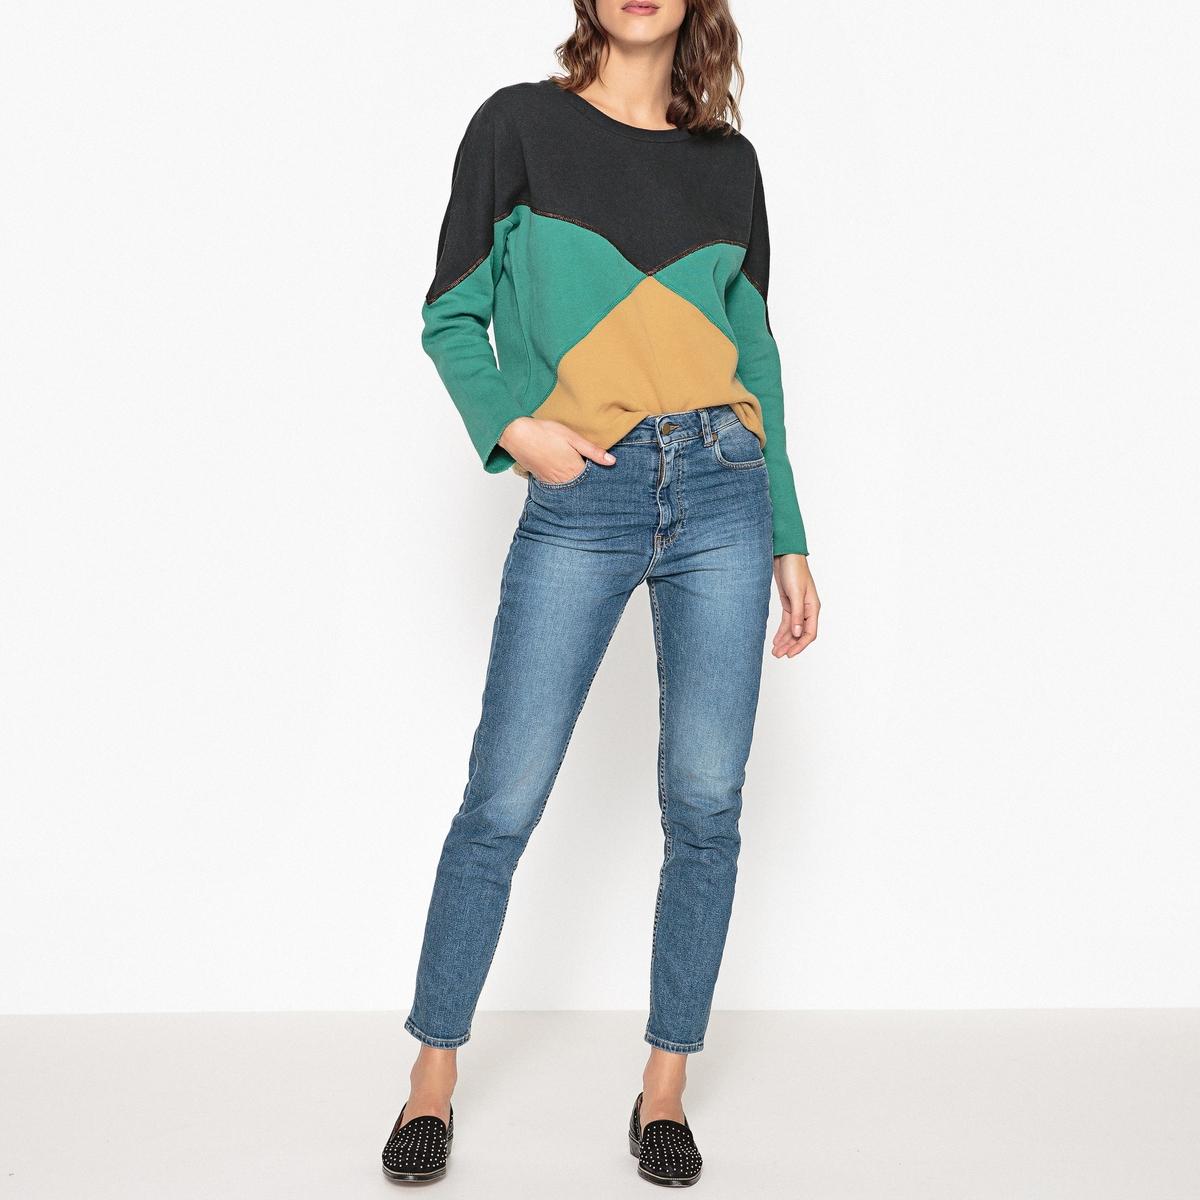 Sweat multicolore SWIMAСвитшот с длинными рукавами LEON AND HARPER - модель SWIMA с необработанными краями рукавов.Детали •  Длинные рукава •  Без застежки •  Круглый вырезСостав и уход •  100% хлопок  •  Следуйте советам по уходу, указанным на этикетке<br><br>Цвет: темно-синий/зеленый